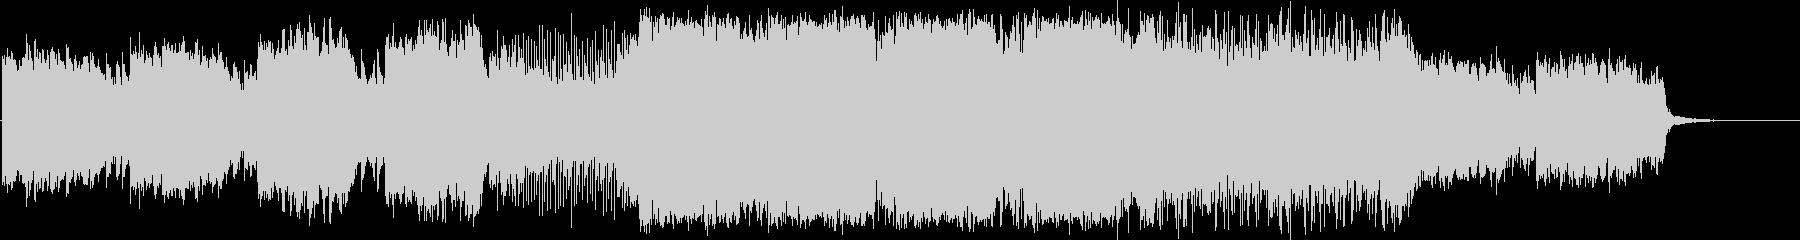 ケルト+オーケストラ ファンタジーの未再生の波形